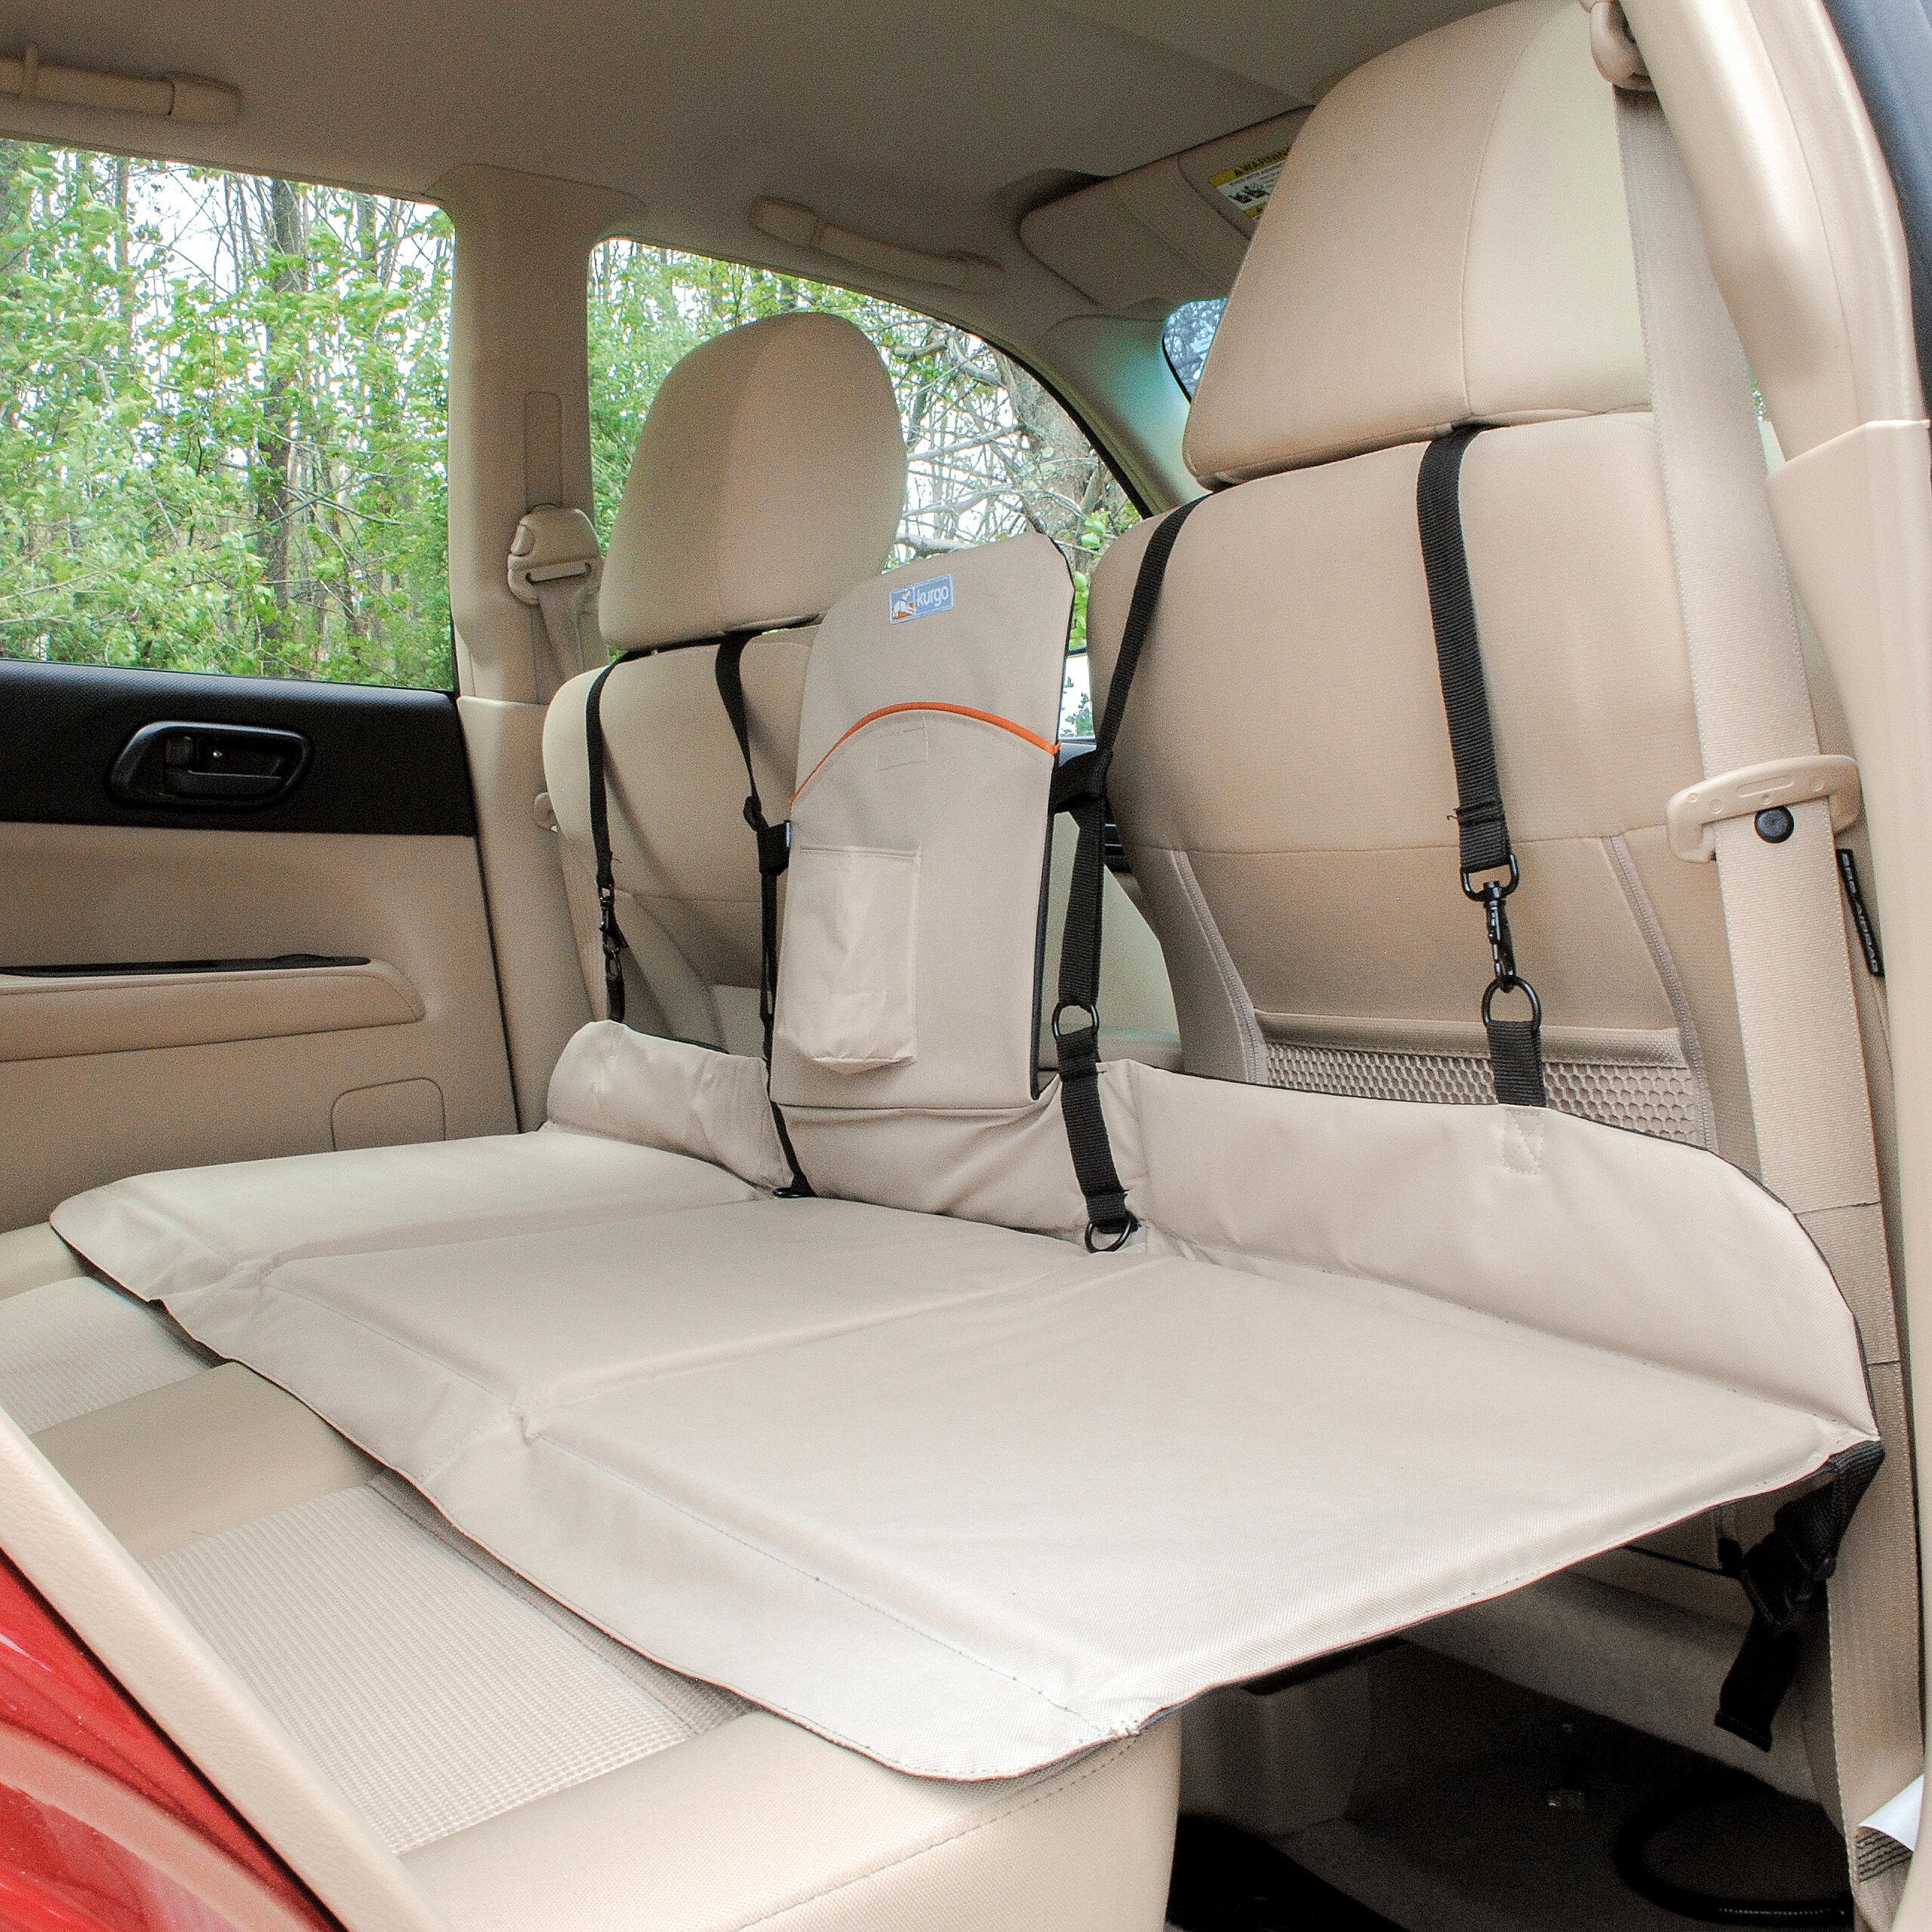 Kurgo Backseat Bridge Polyester Seat Cover Reviews Wayfair